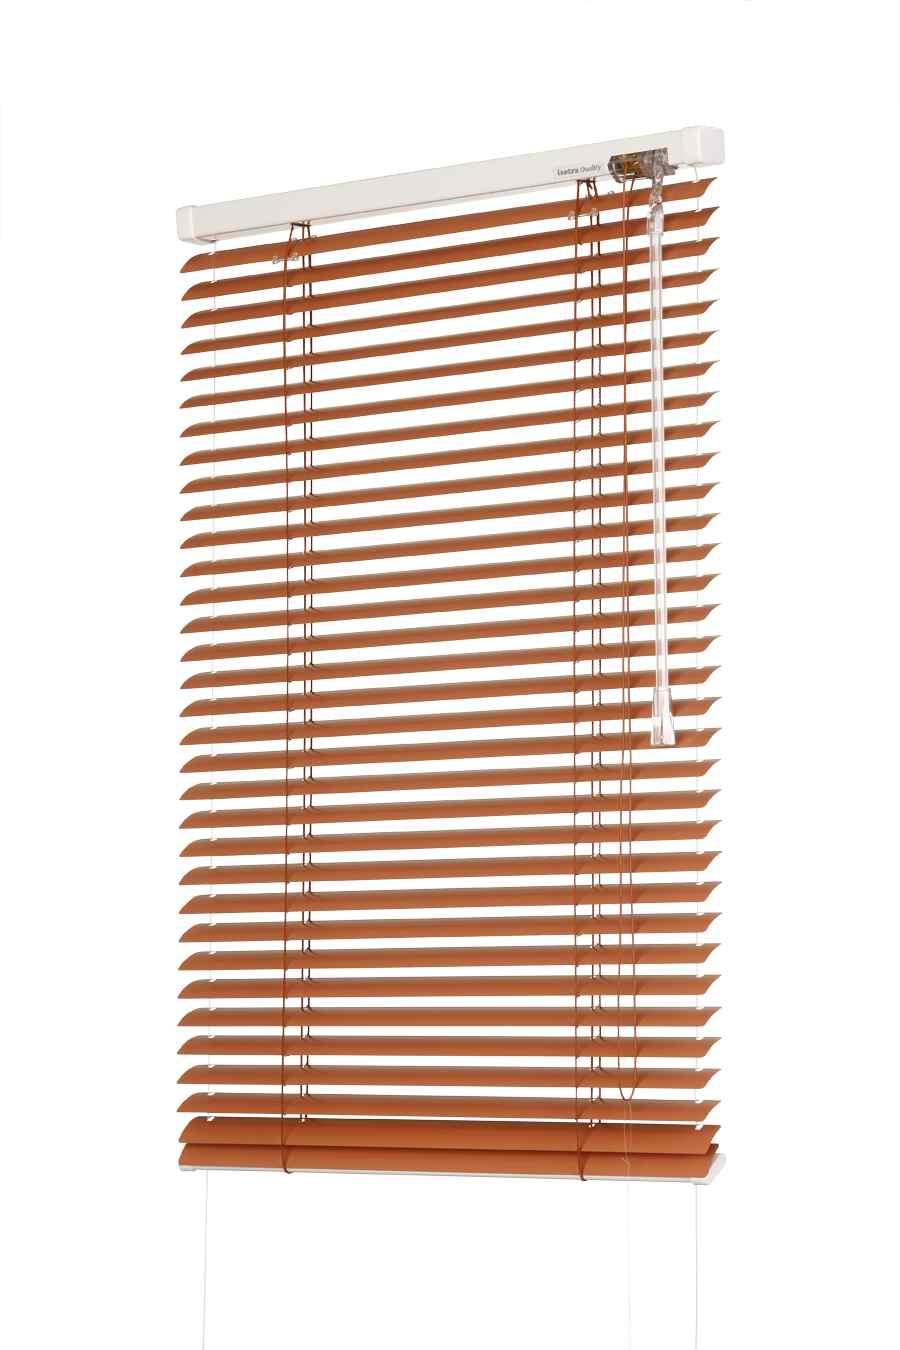 Okenní žaluzie KLASIK šířka 125cm VÝŠKA: mezi 201-400mm, TYP: vpravo